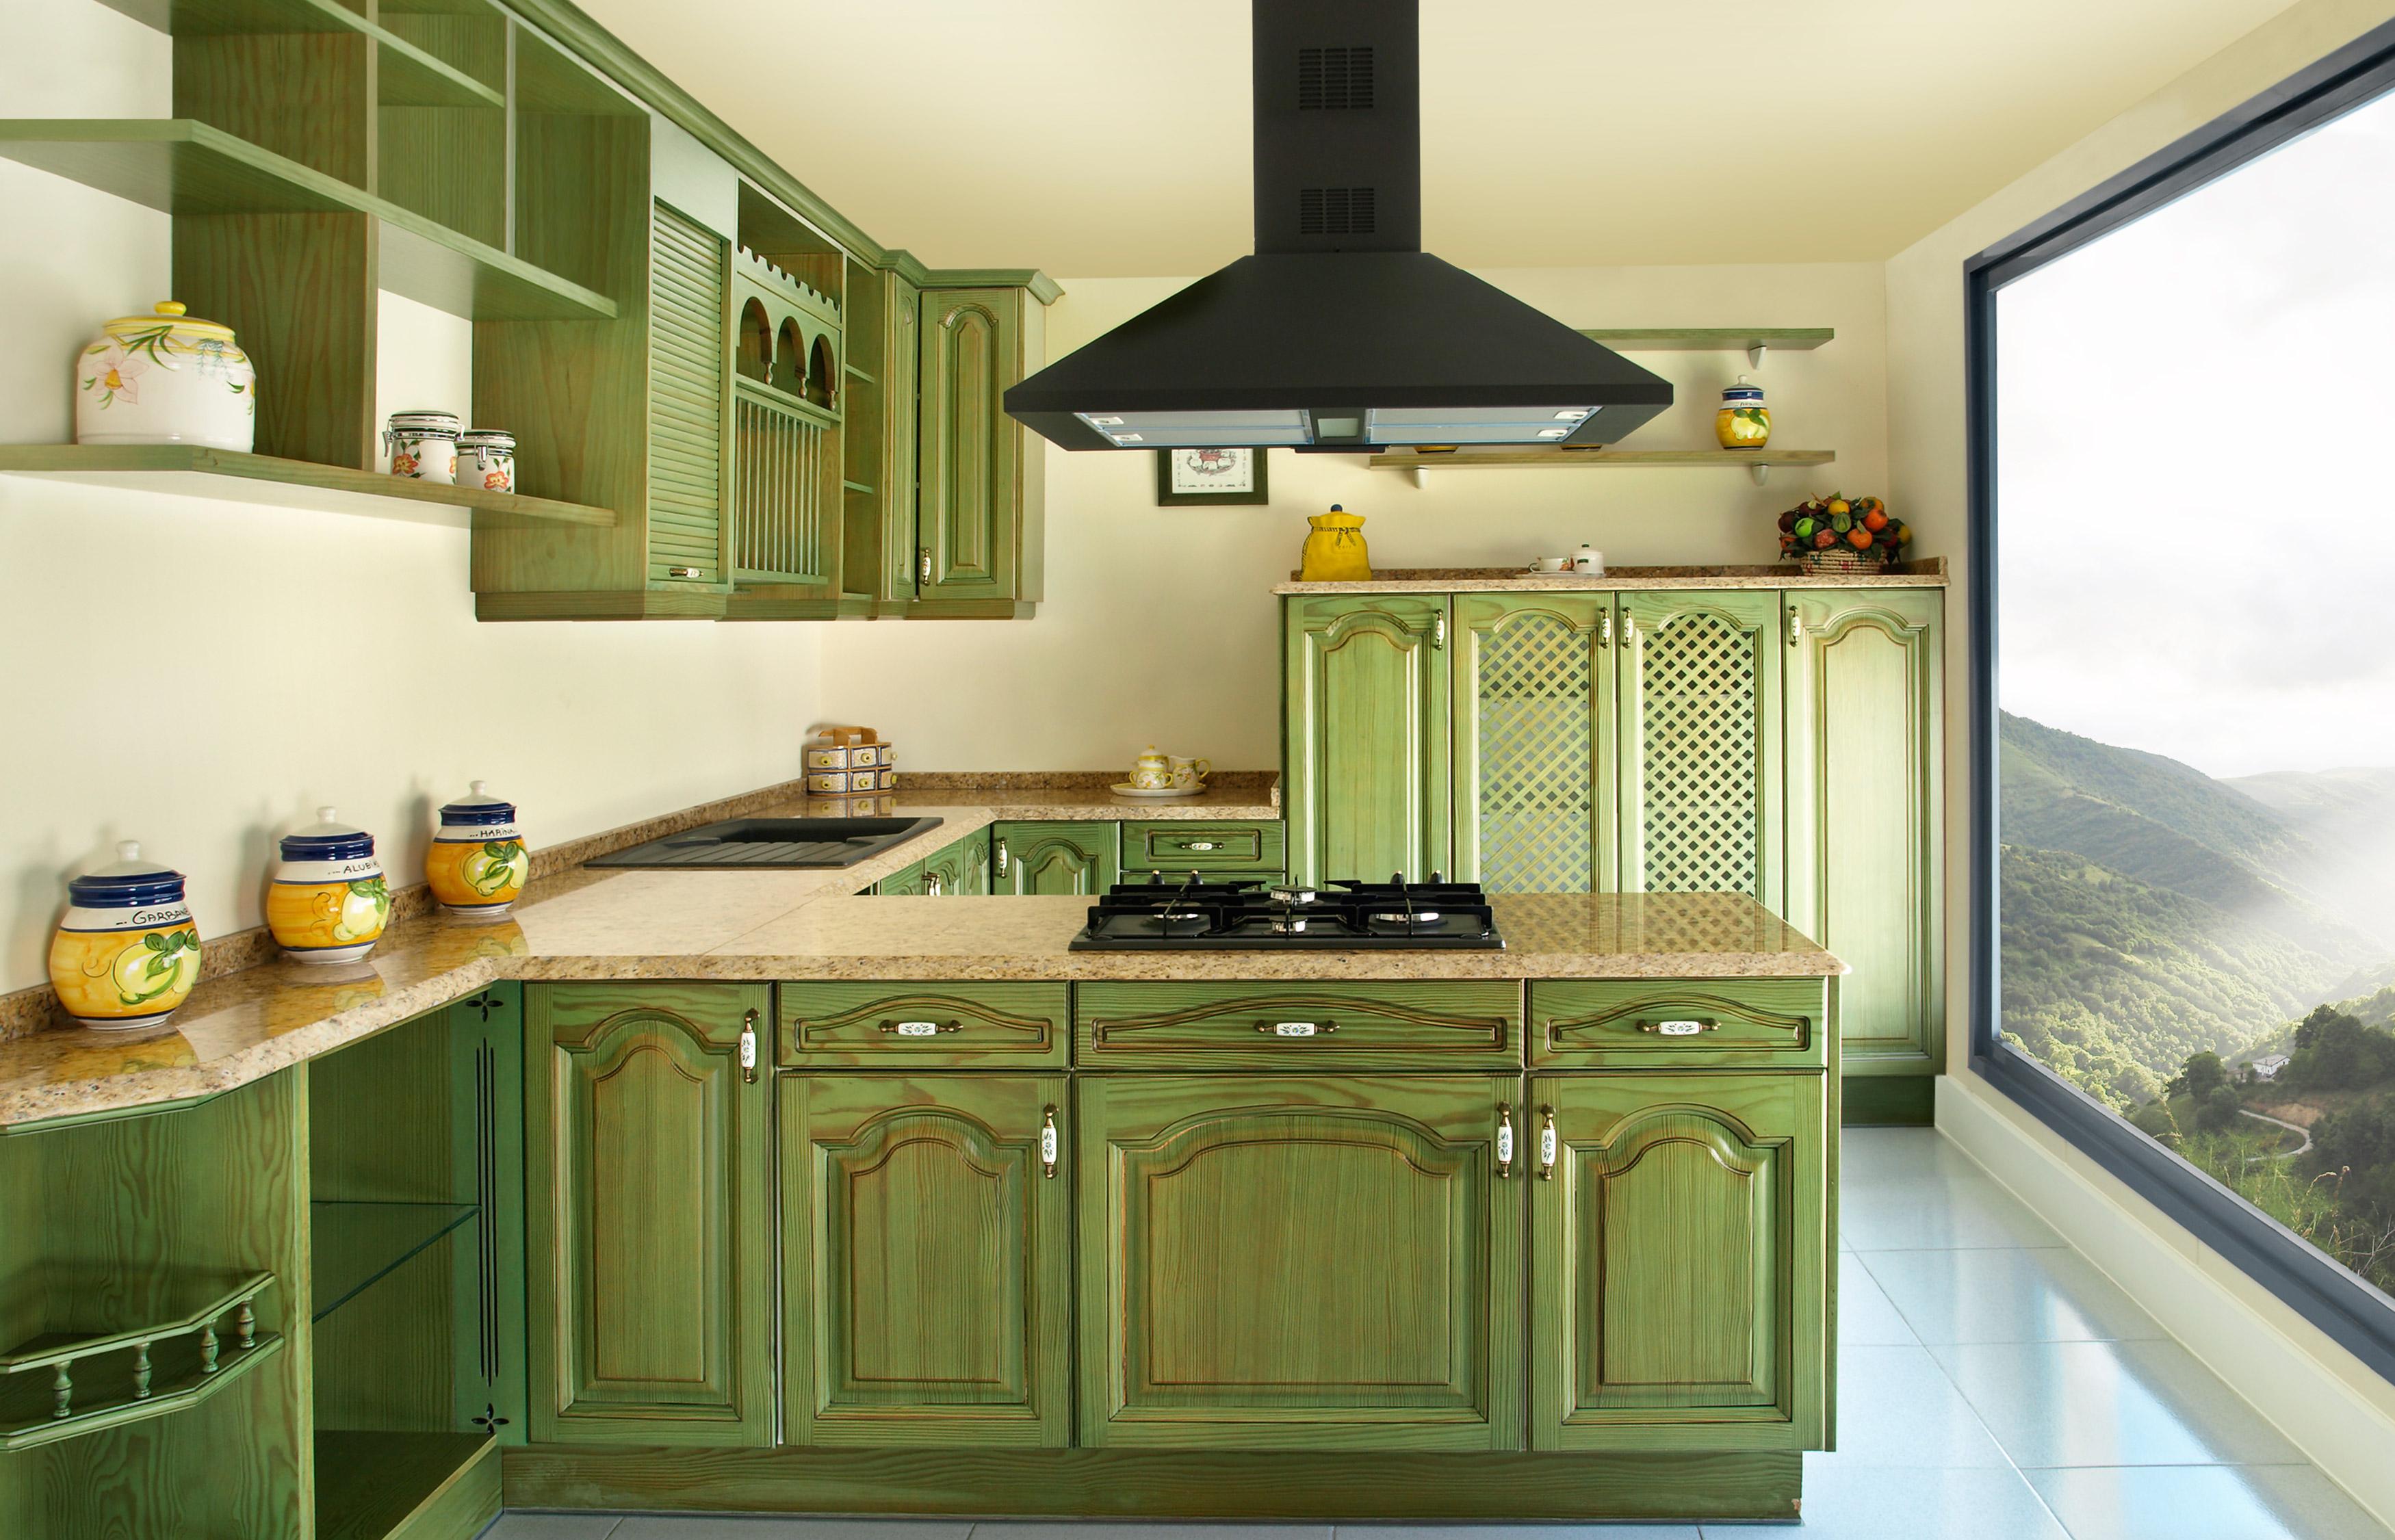 Cocinas r sticas muebles hermanos p rez for Muebles de cocinas rusticas